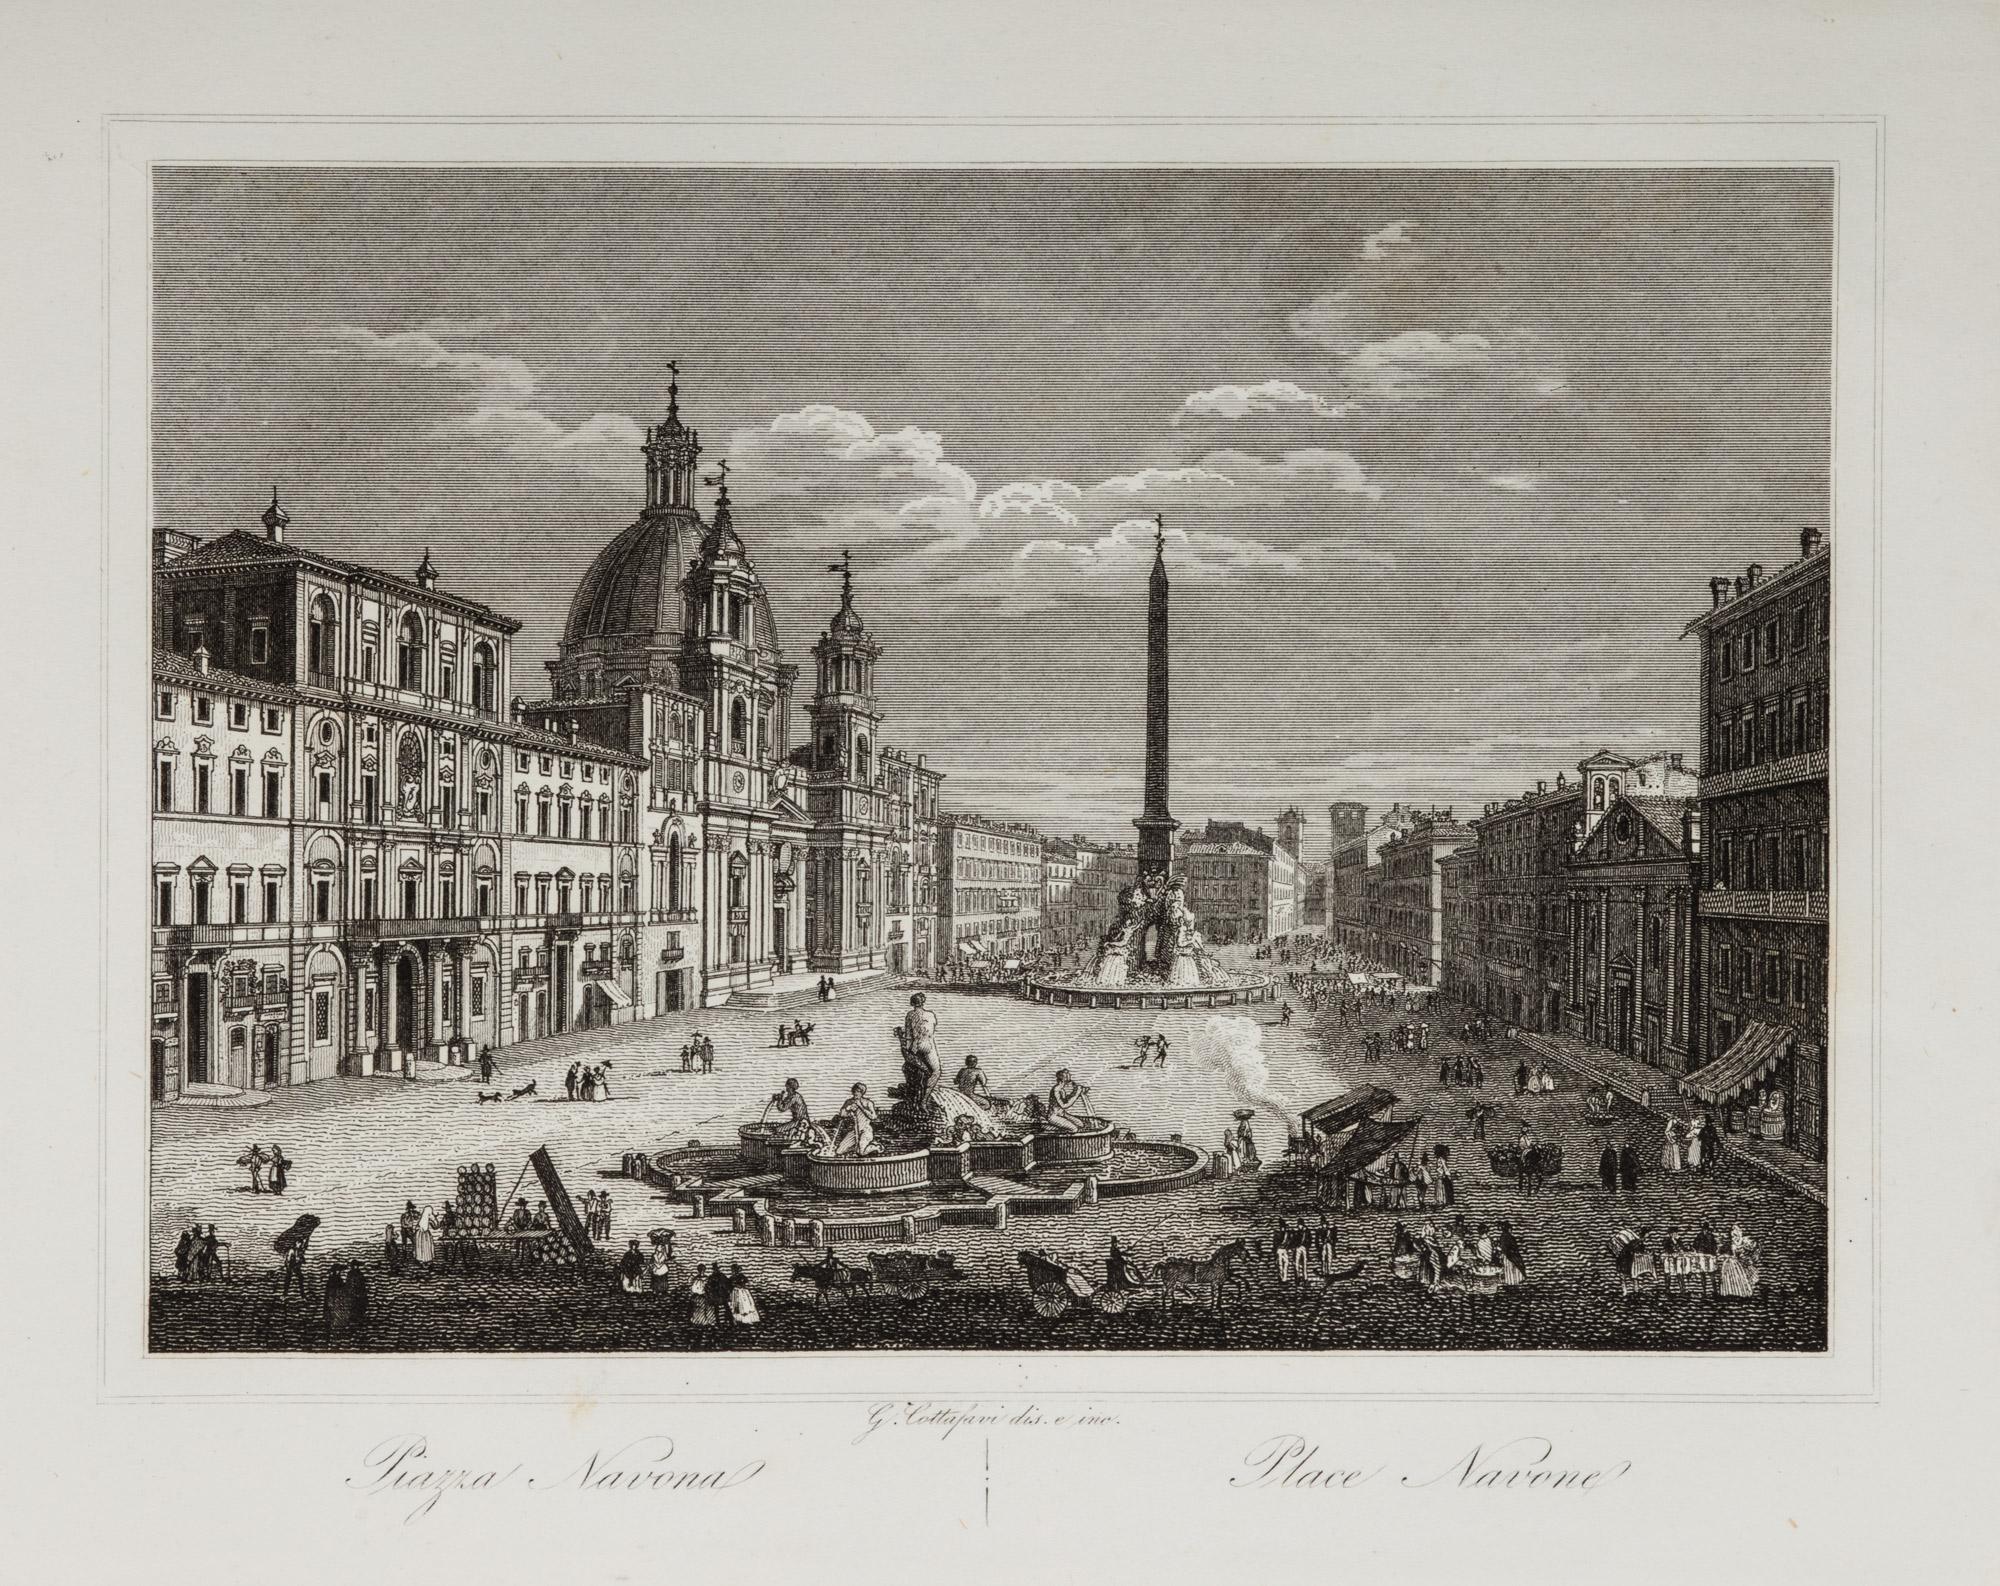 Nuova raccolta di n. 46 vedute principali di Roma … da piu' rinomati artisti di questa capitale